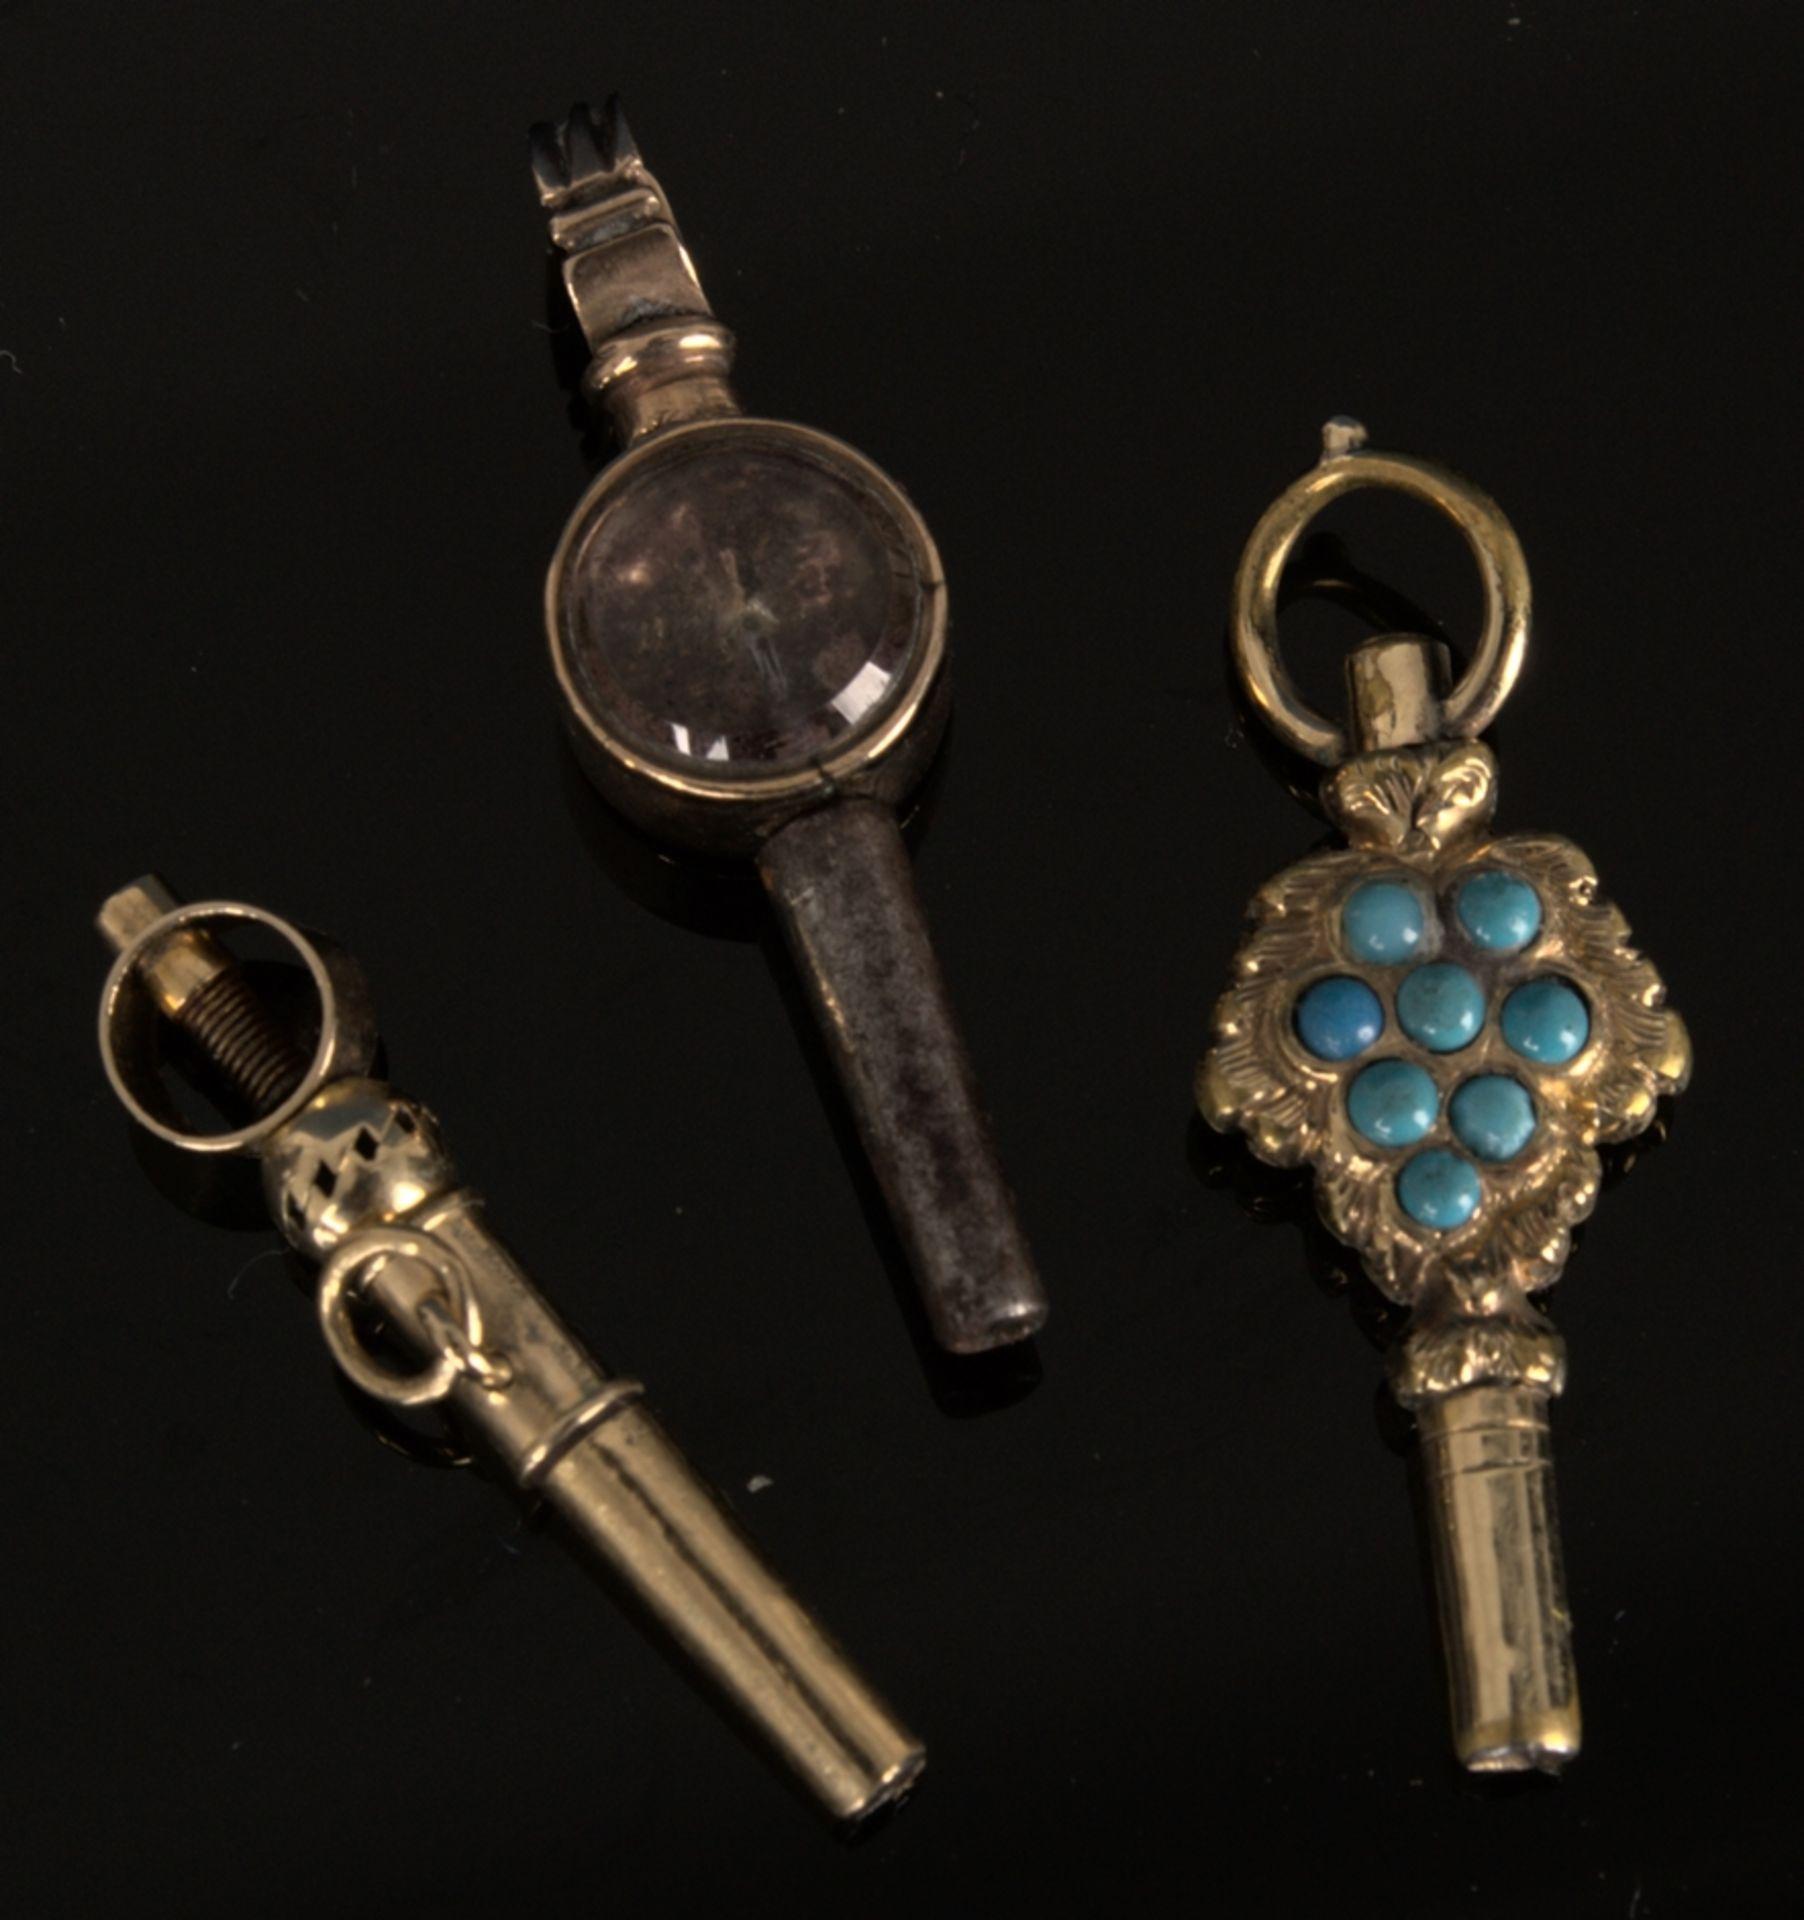 9teilige Sammlung versch. Taschenuhrenschlüssel, überwiegend 19. Jhd. Versch. Alter, Größen, - Bild 8 aus 18